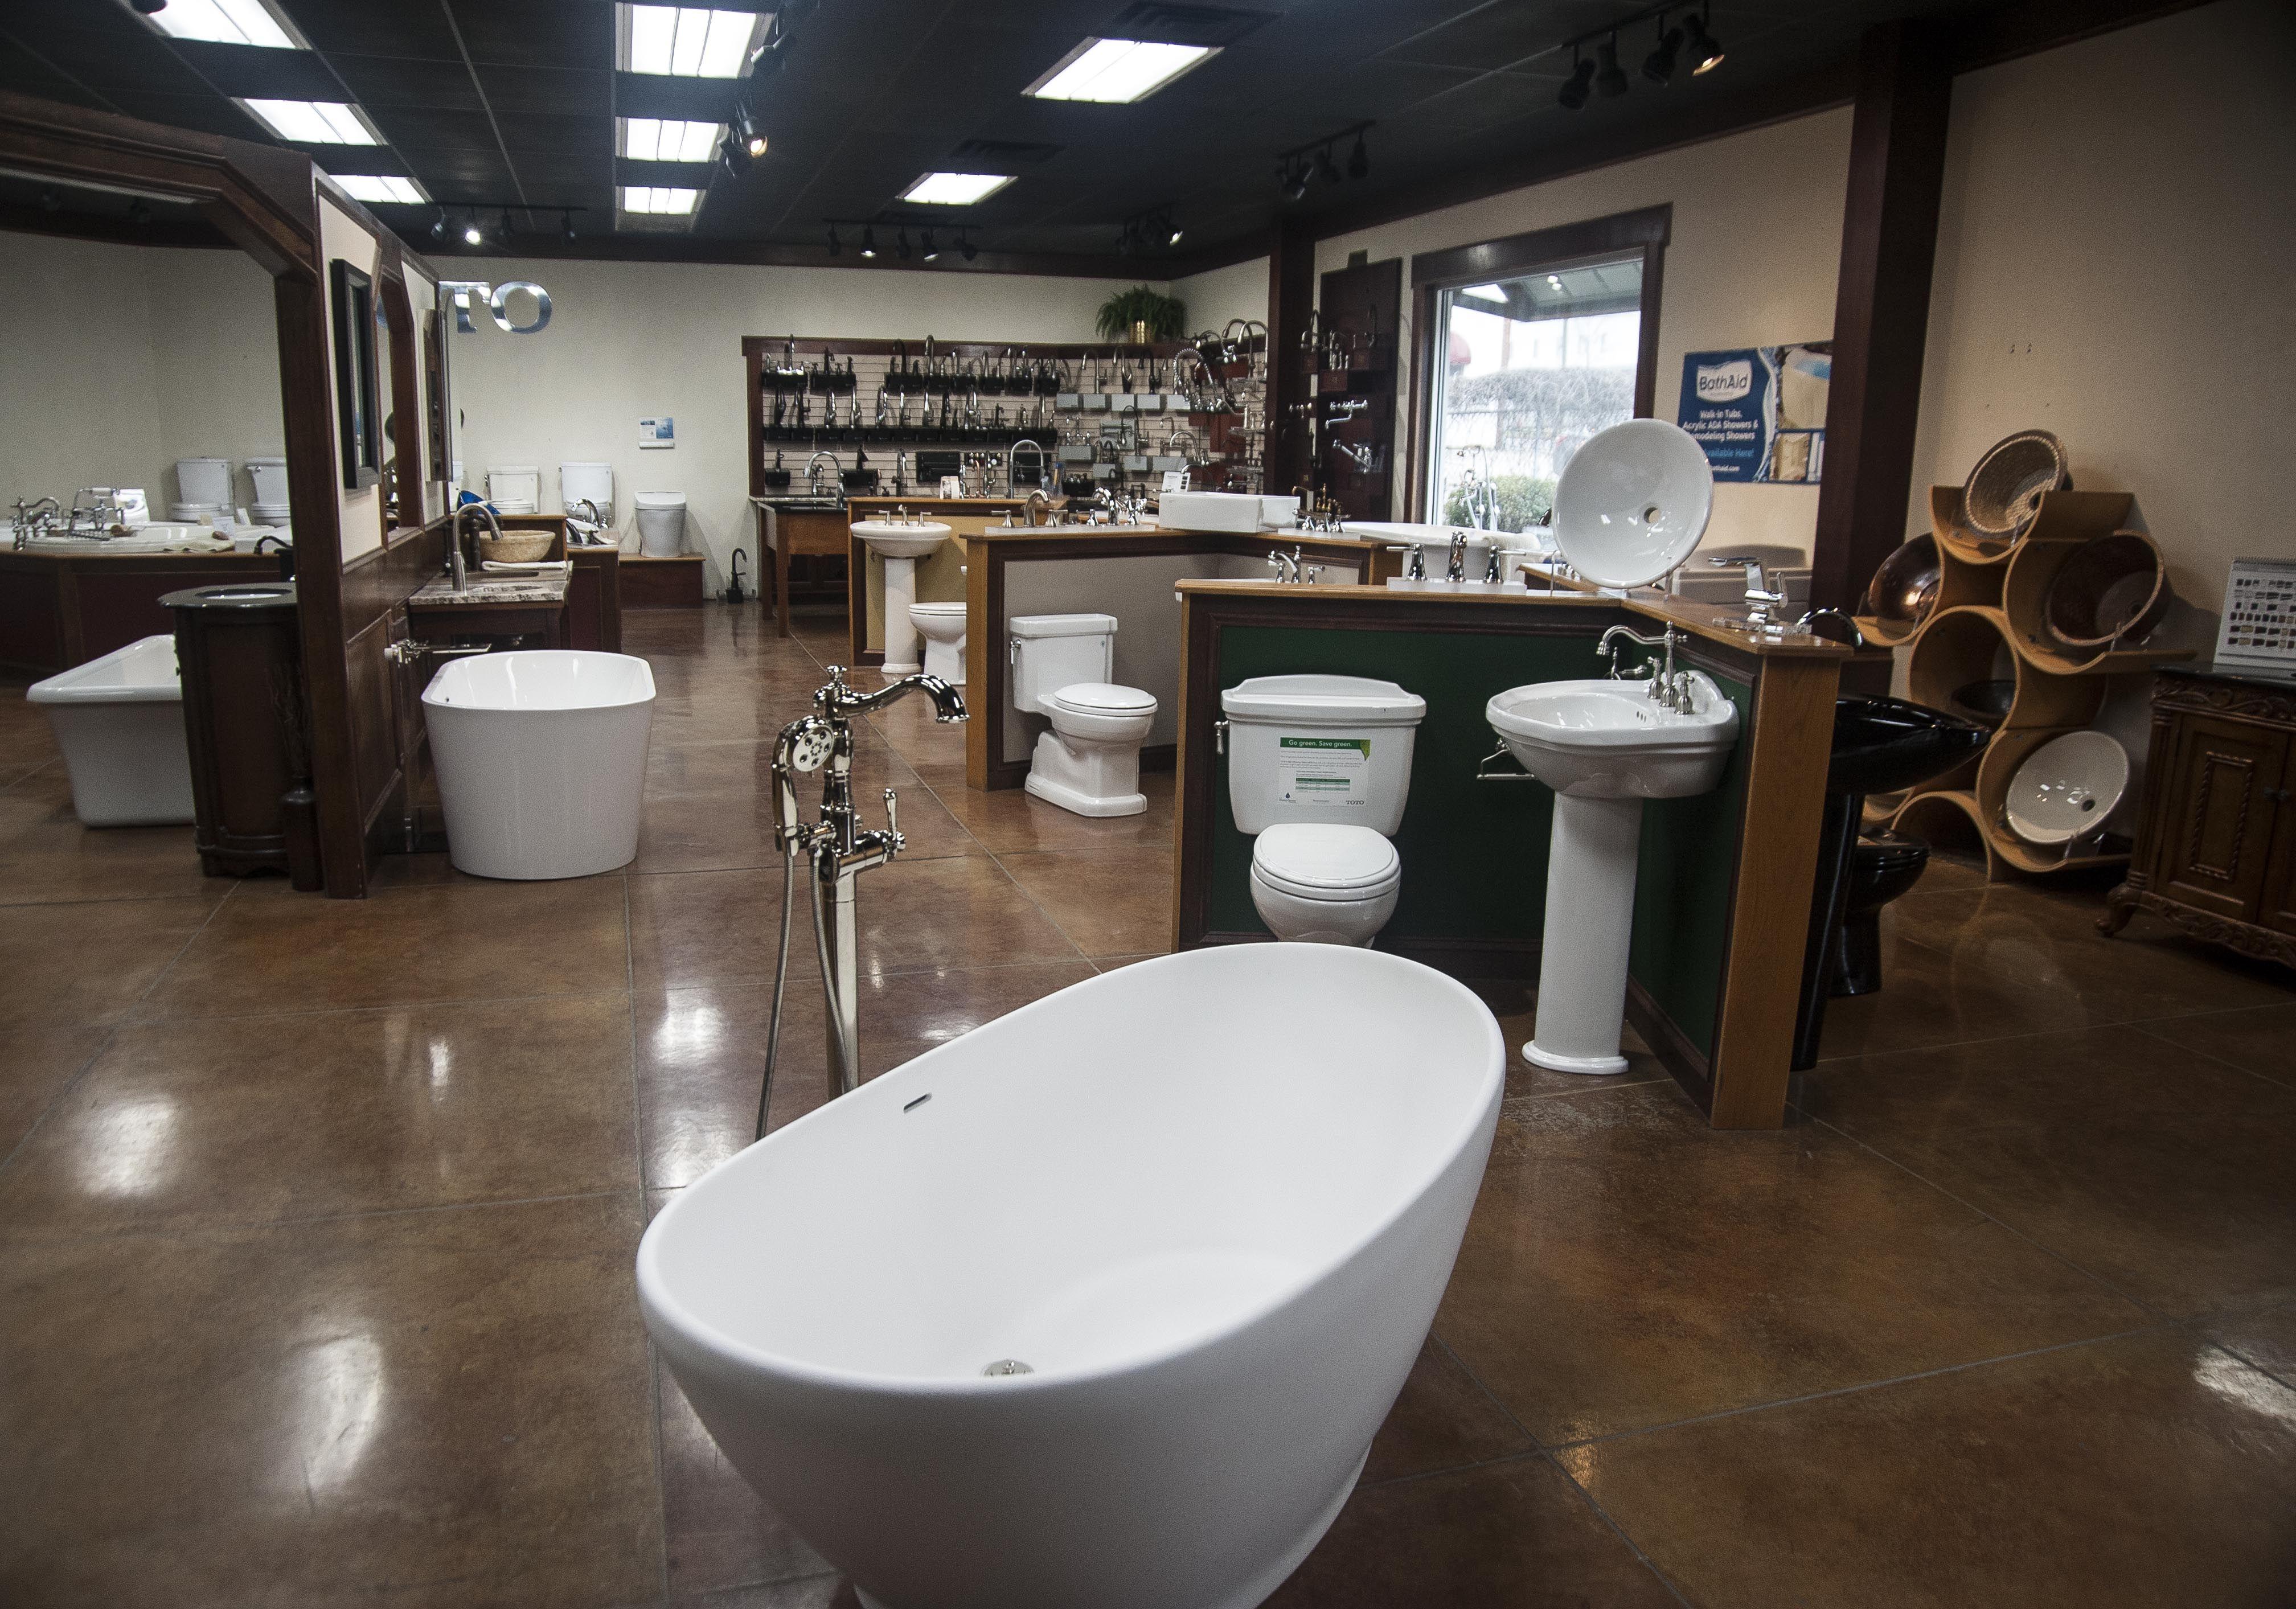 GLS Supply Kitchen Bath Showroom In Birmingham AL GLS Supply - Bathroom showrooms birmingham al